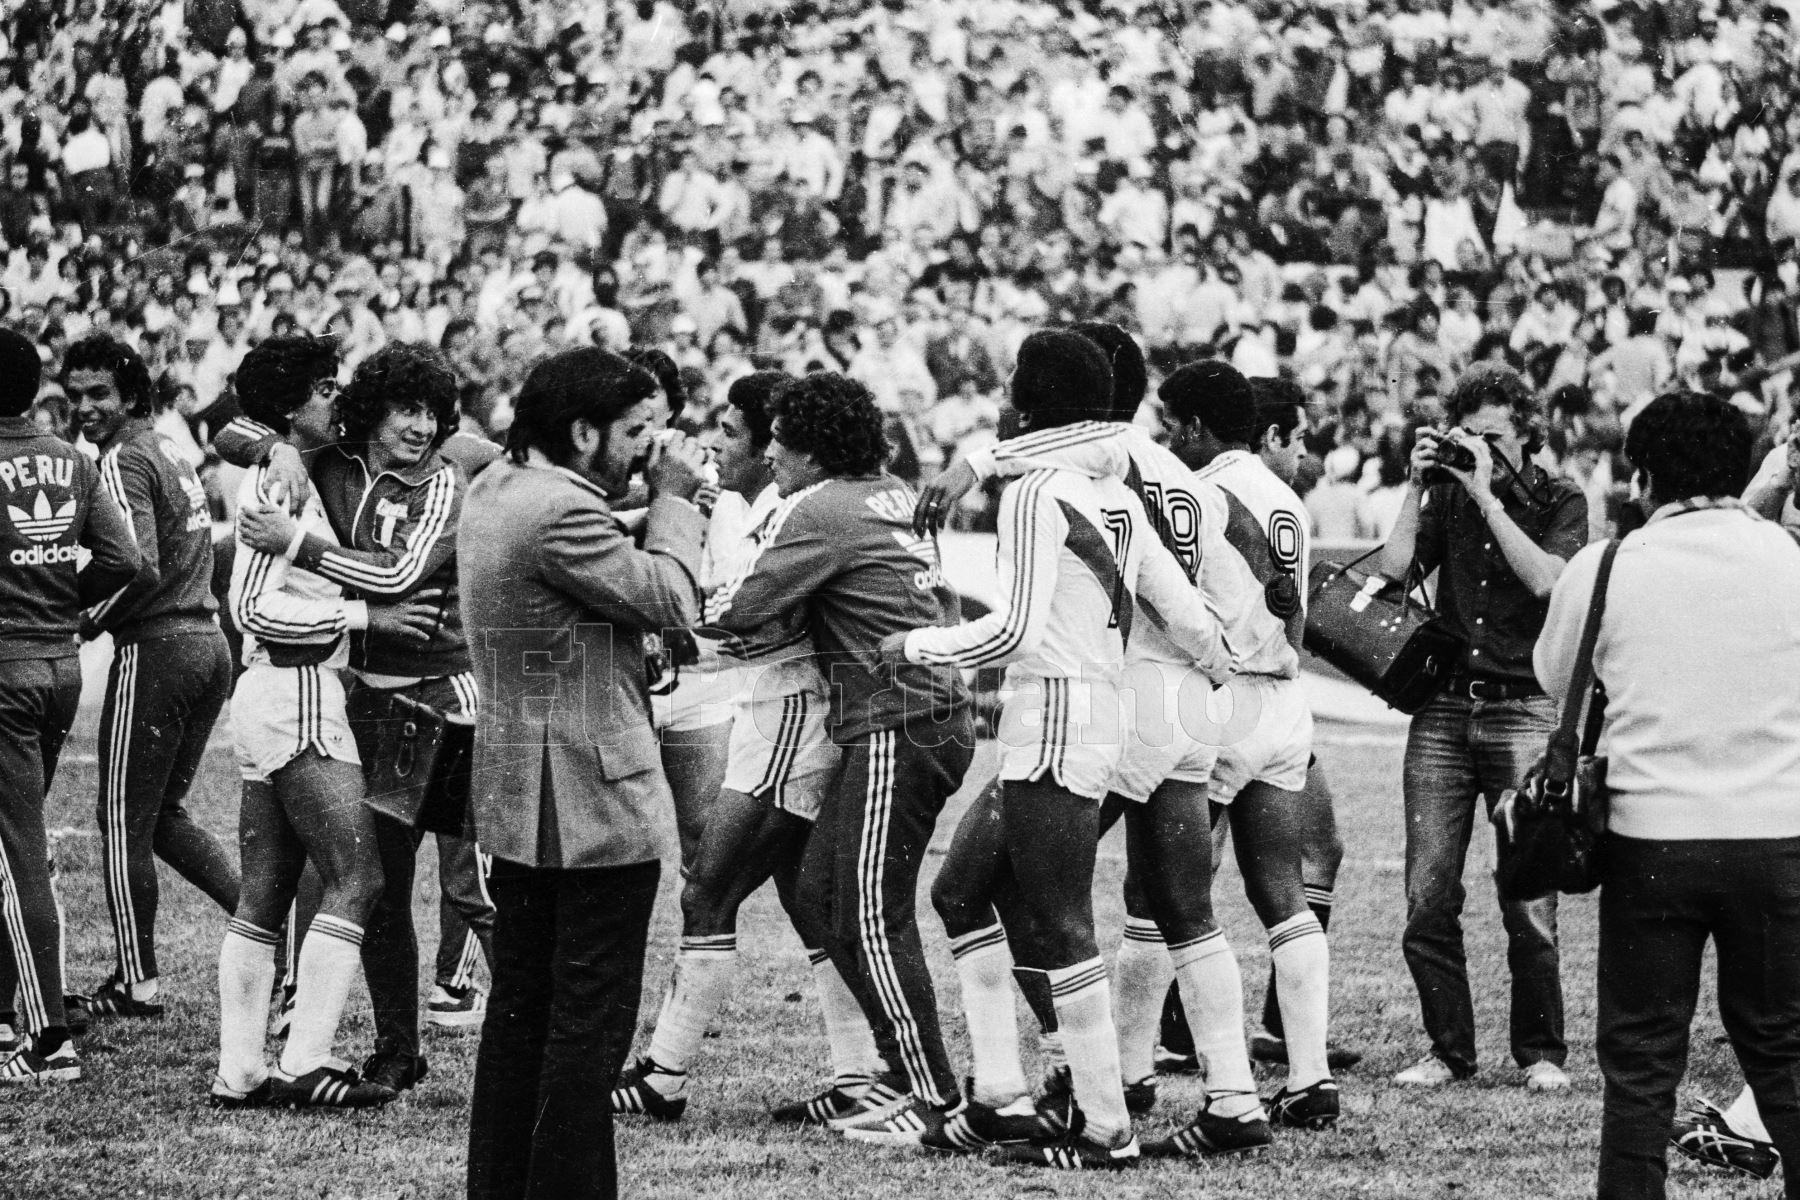 Montevideo, Uruguay - 23 agosto 1981 / Perú alcanzó la punta del Grupo 2 de las eliminatorias sudamericanas al vencer a Uruguay por 2-1 y quedó a sólo un punto de clasificar al mundial de España 82. Los jugadores peruanos celebran en el mítico estadio Centenario.Foto: Archivo El Peruano/ Rómulo Luján